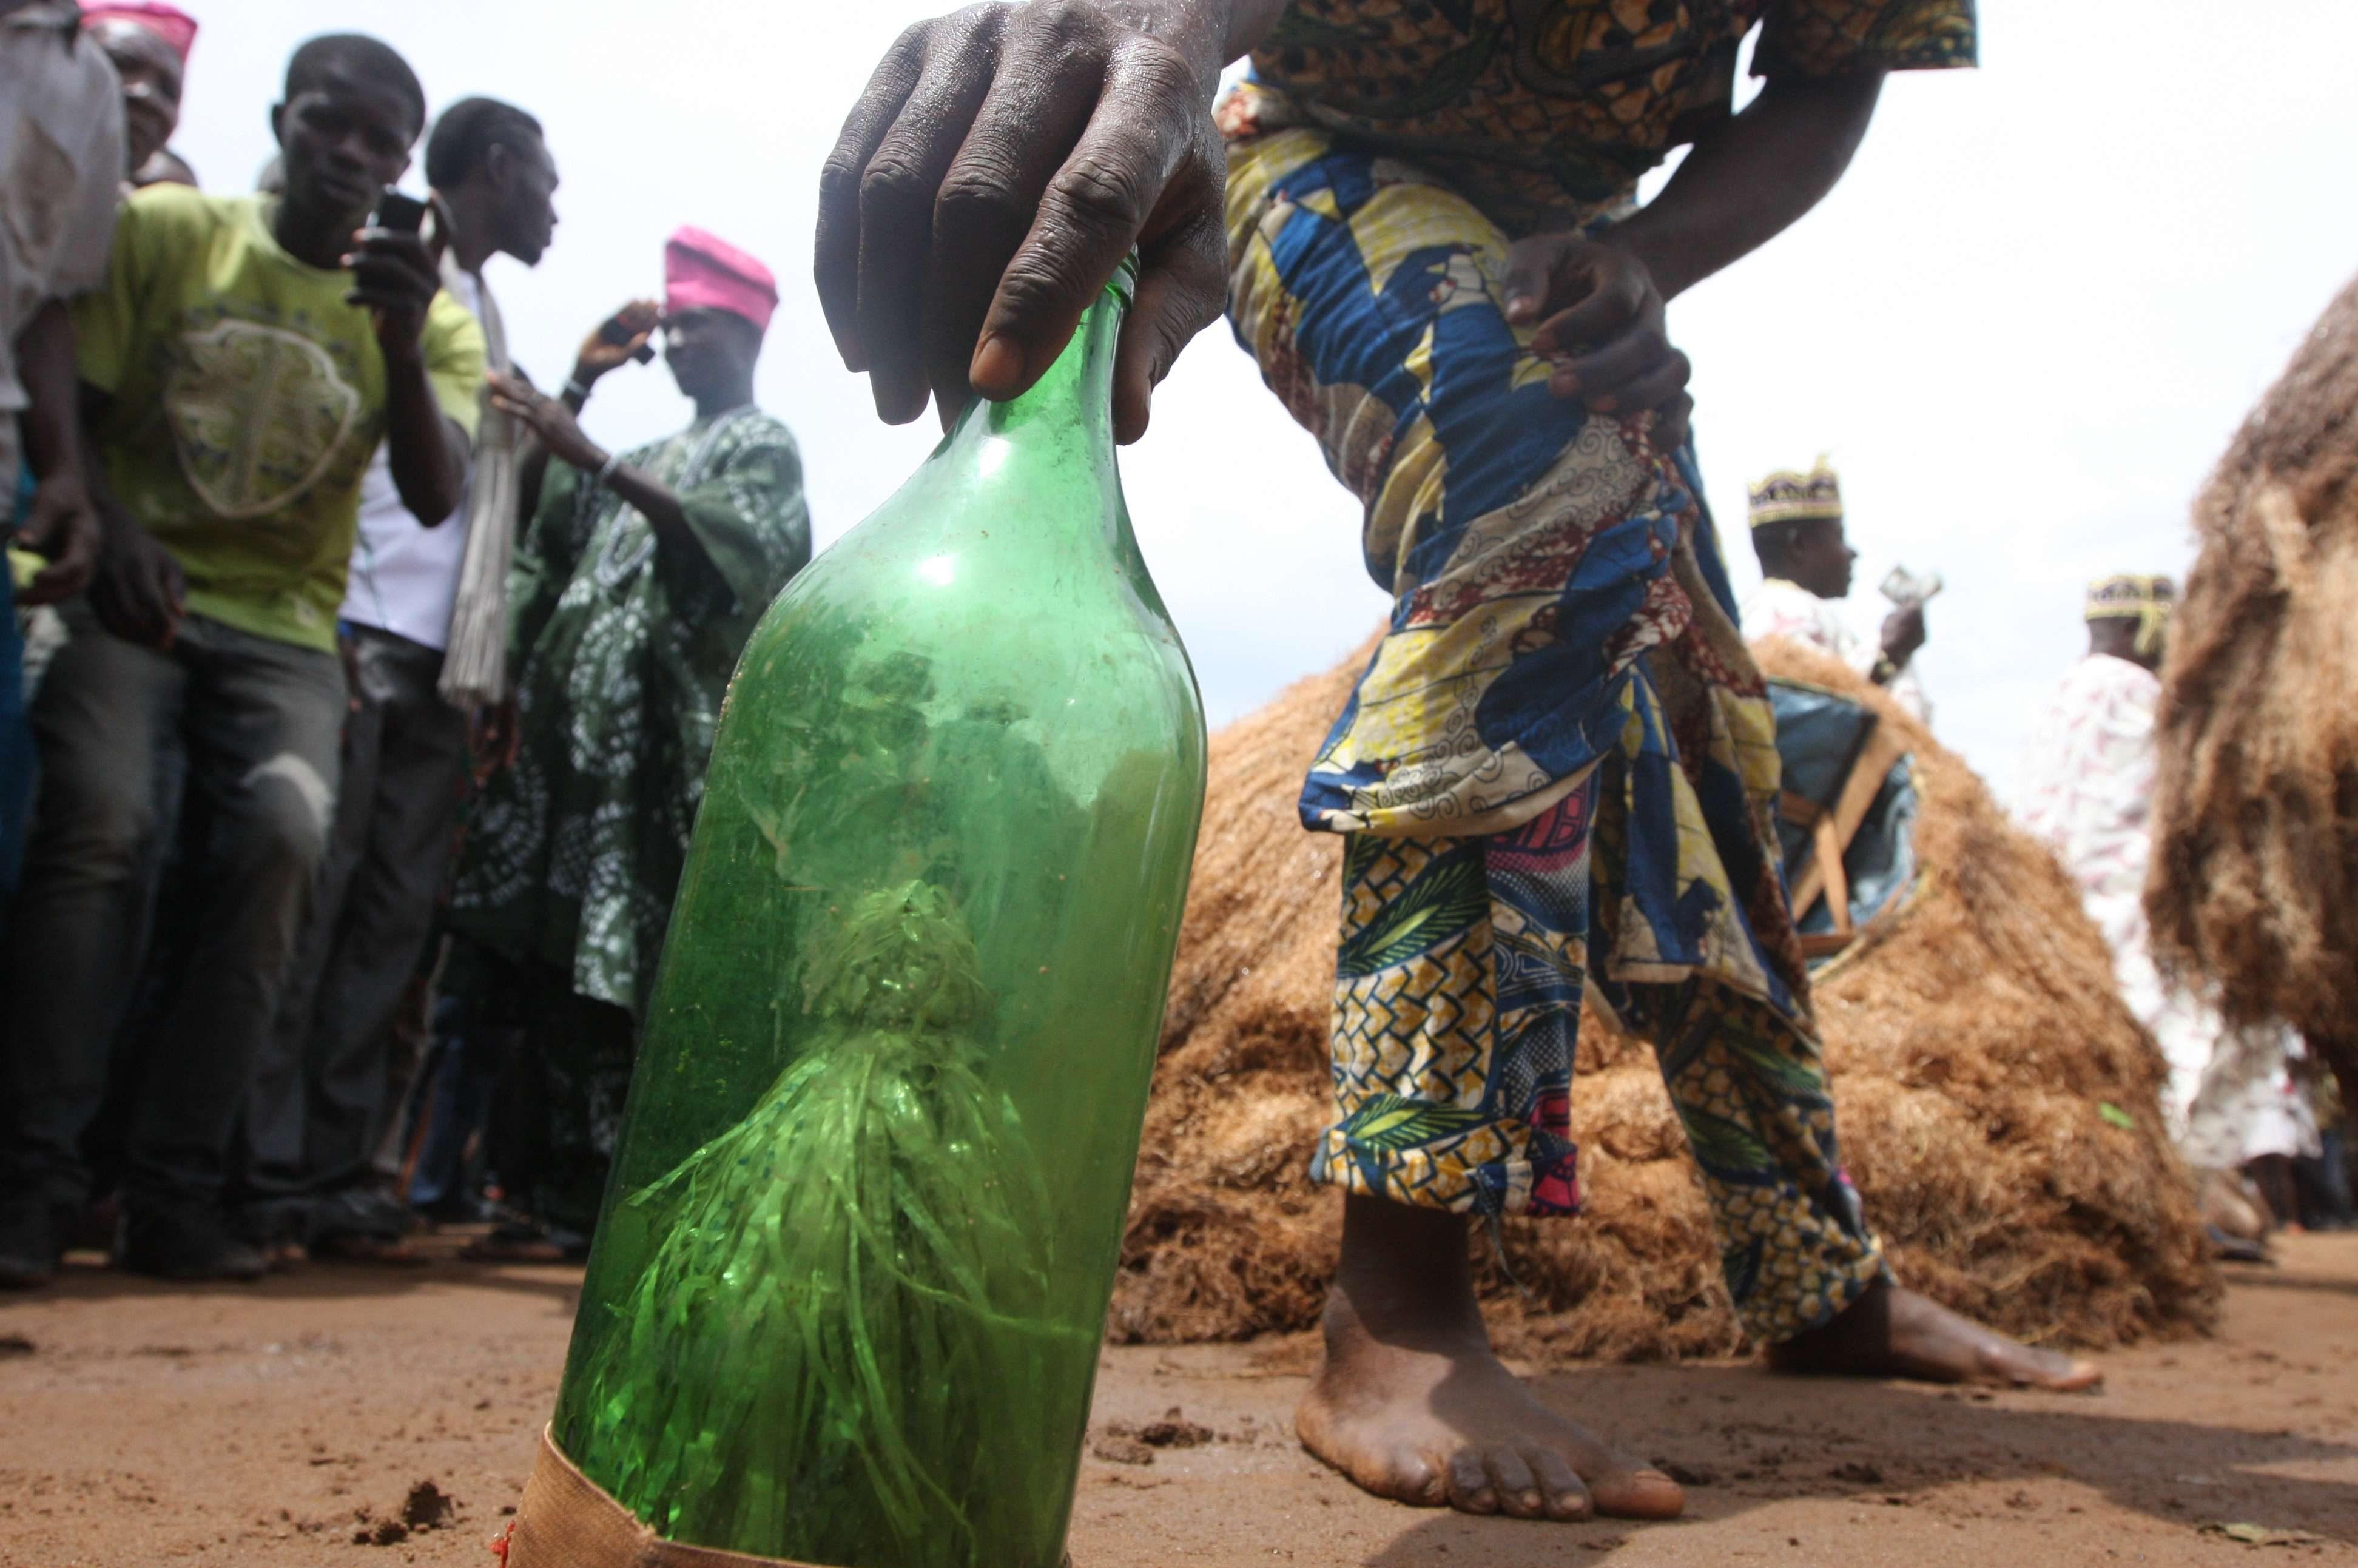 Un homme s'apprête à ramasser une bouteille contenant le